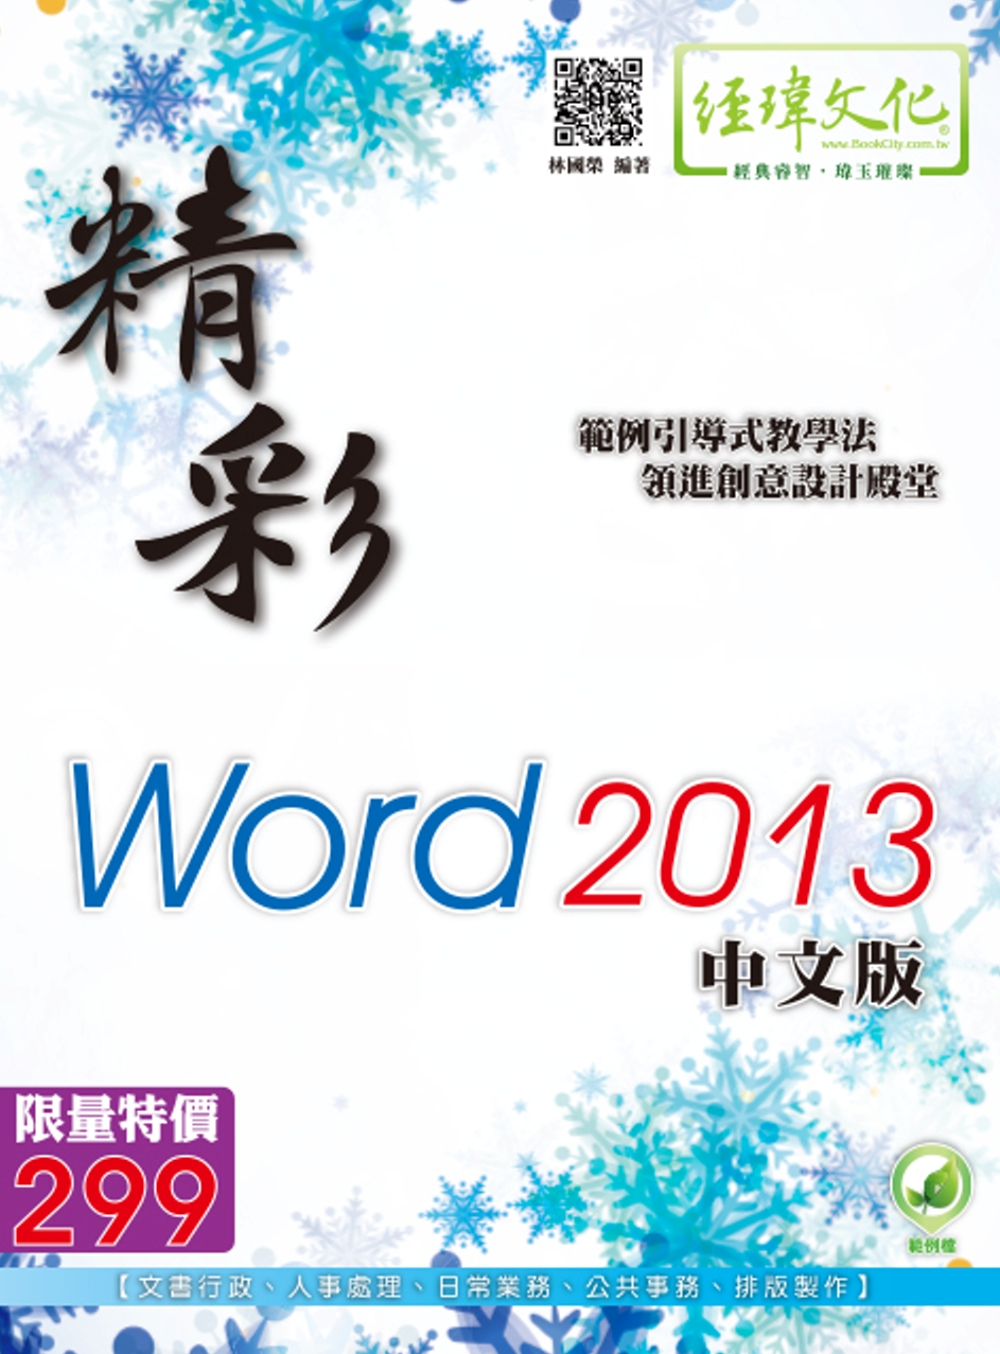 精彩 Word 2013 中文版(綠色範例檔)